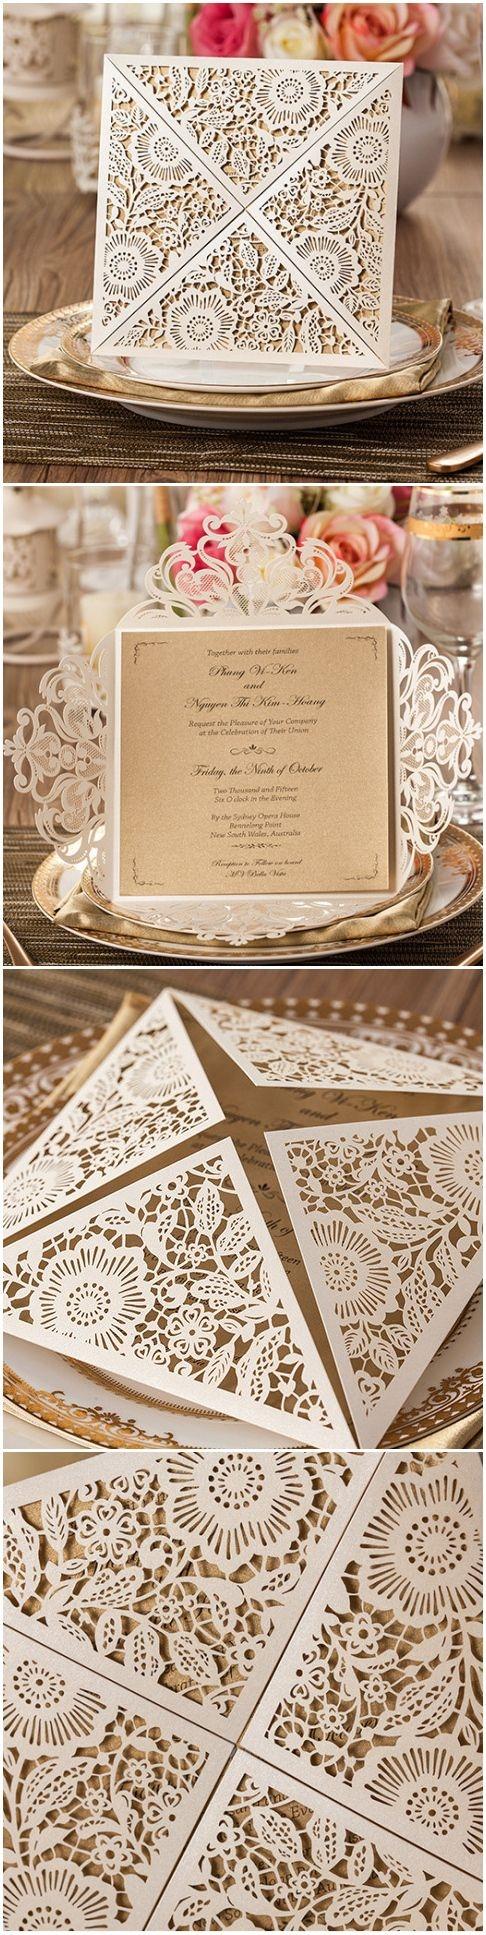 zaproszenie ślubne:)